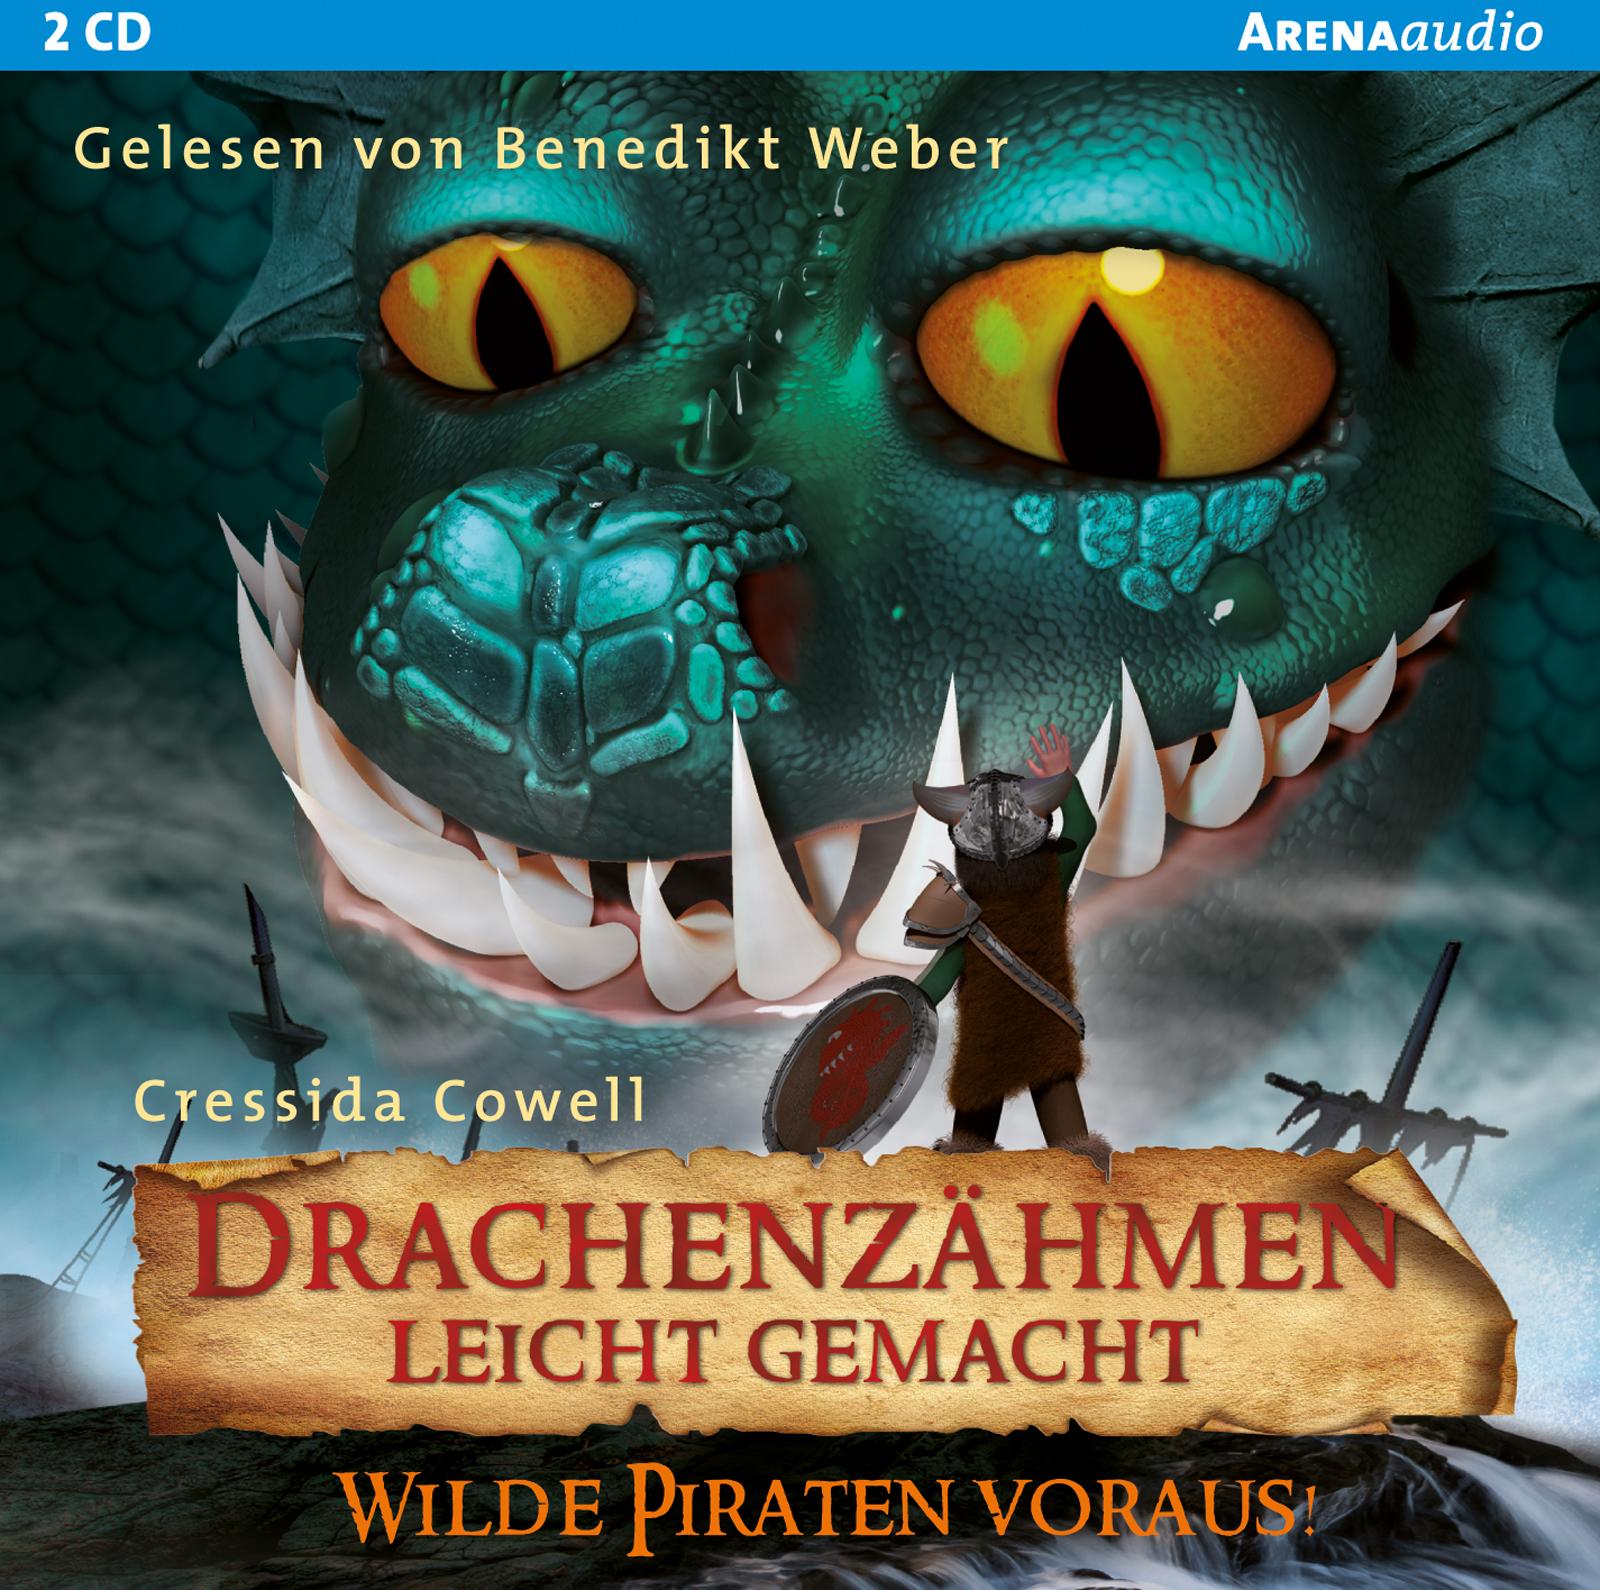 Drachenzähmen leicht gemacht (2). Wilde Piraten voraus! | ARENA Verlag